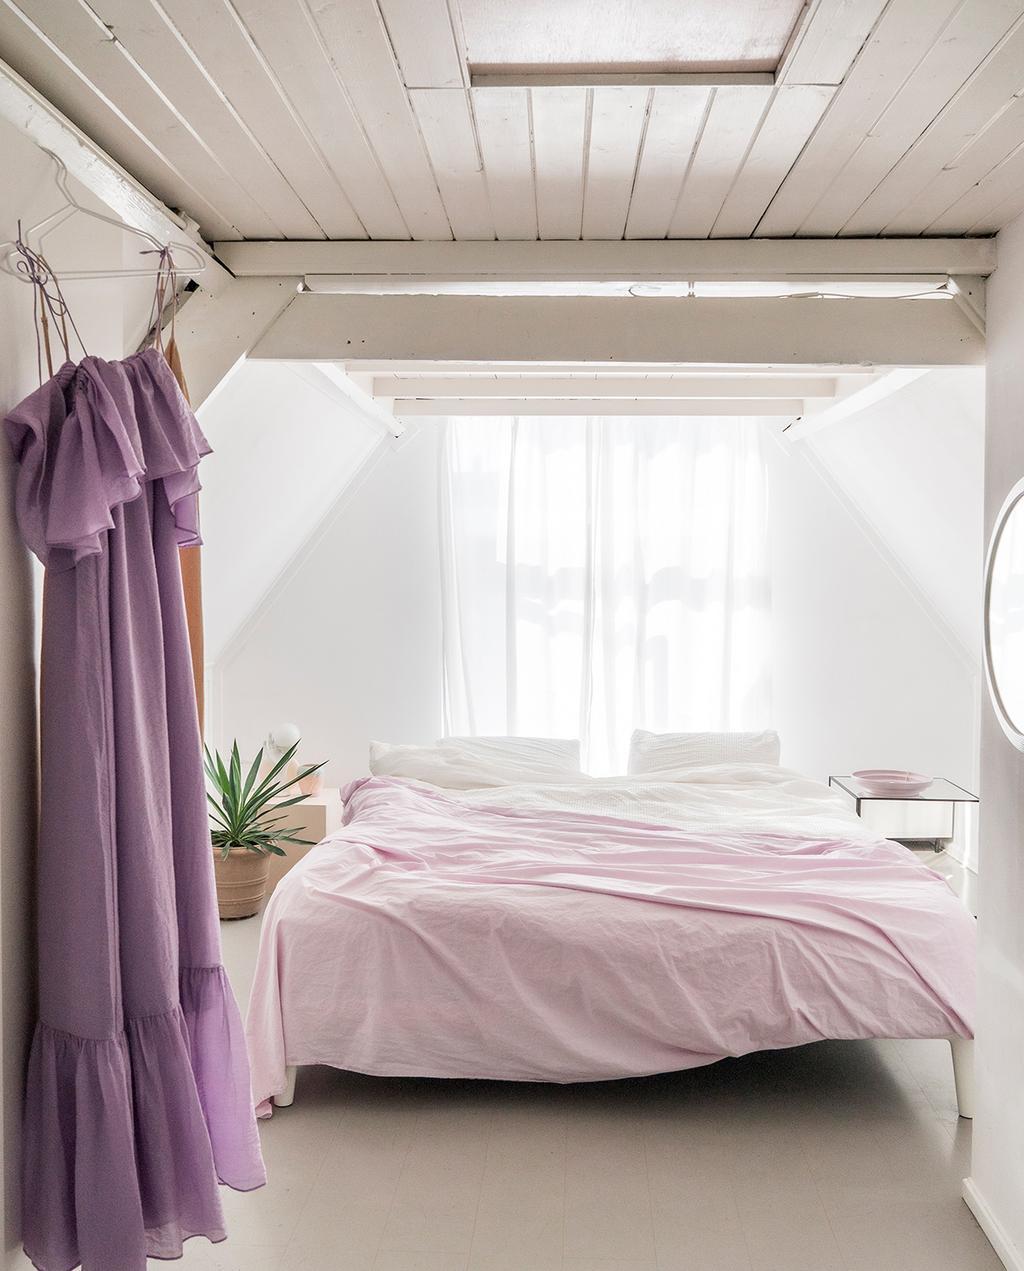 vtwonen special tiny houses 03-2021 | lichte slaapkamer met roze dekbedovertrek en paarse jurk